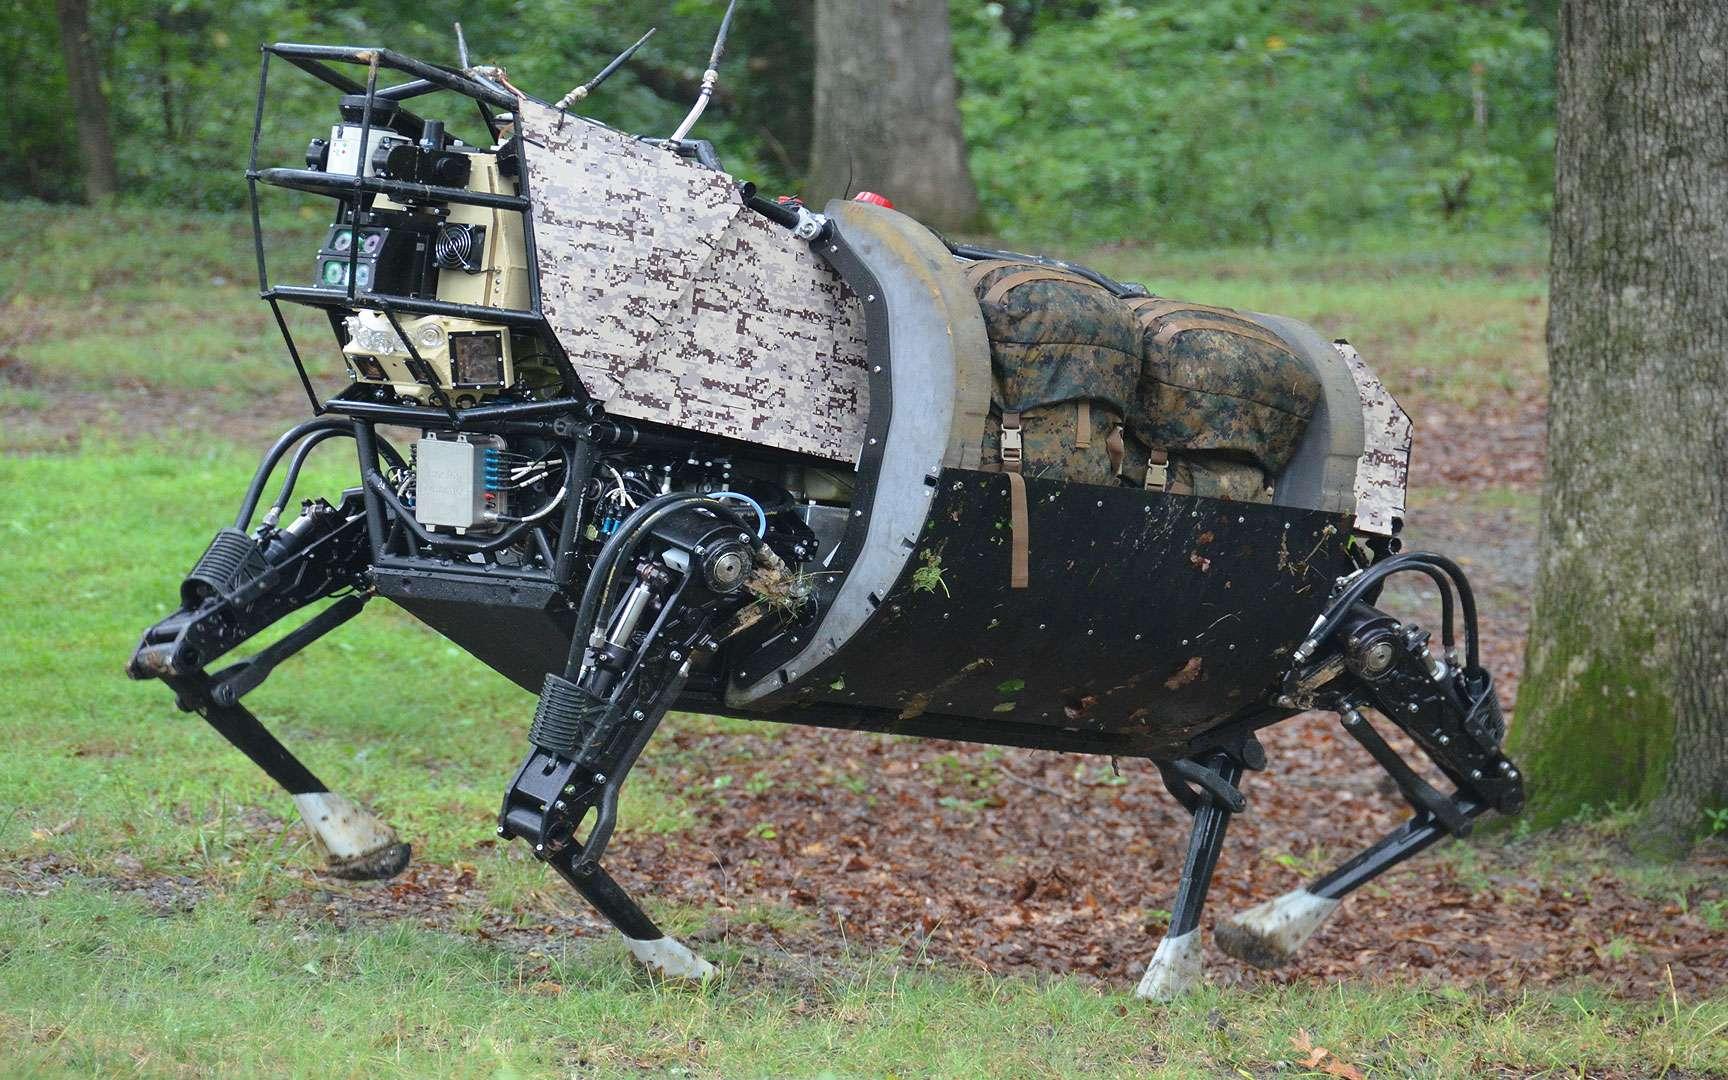 Kellar Autumn ou le robot-gecko. Le lézard gecko a une capacité d'adhésion spectaculaire : il peut se suspendre à toute surface lisse, rugueuse, humide ou sèche en supportant tout son poids avec un seul doigt, grâce aux « forces de van der Waals ». Il peut aussi adhérer et se décoller aussi facilement, chaque opération durant environ 1/8000e de seconde. Le robot Stickybot, mis au point à l'université de Stanford, a tous ses doigts tapissés d'une nanostructure poilue qui lui permet de grimper le long d'une vitre ou d'un mur lisse grâce à ces mêmes forces. © Kellar Autumn, Lewis & Clark College, Portland